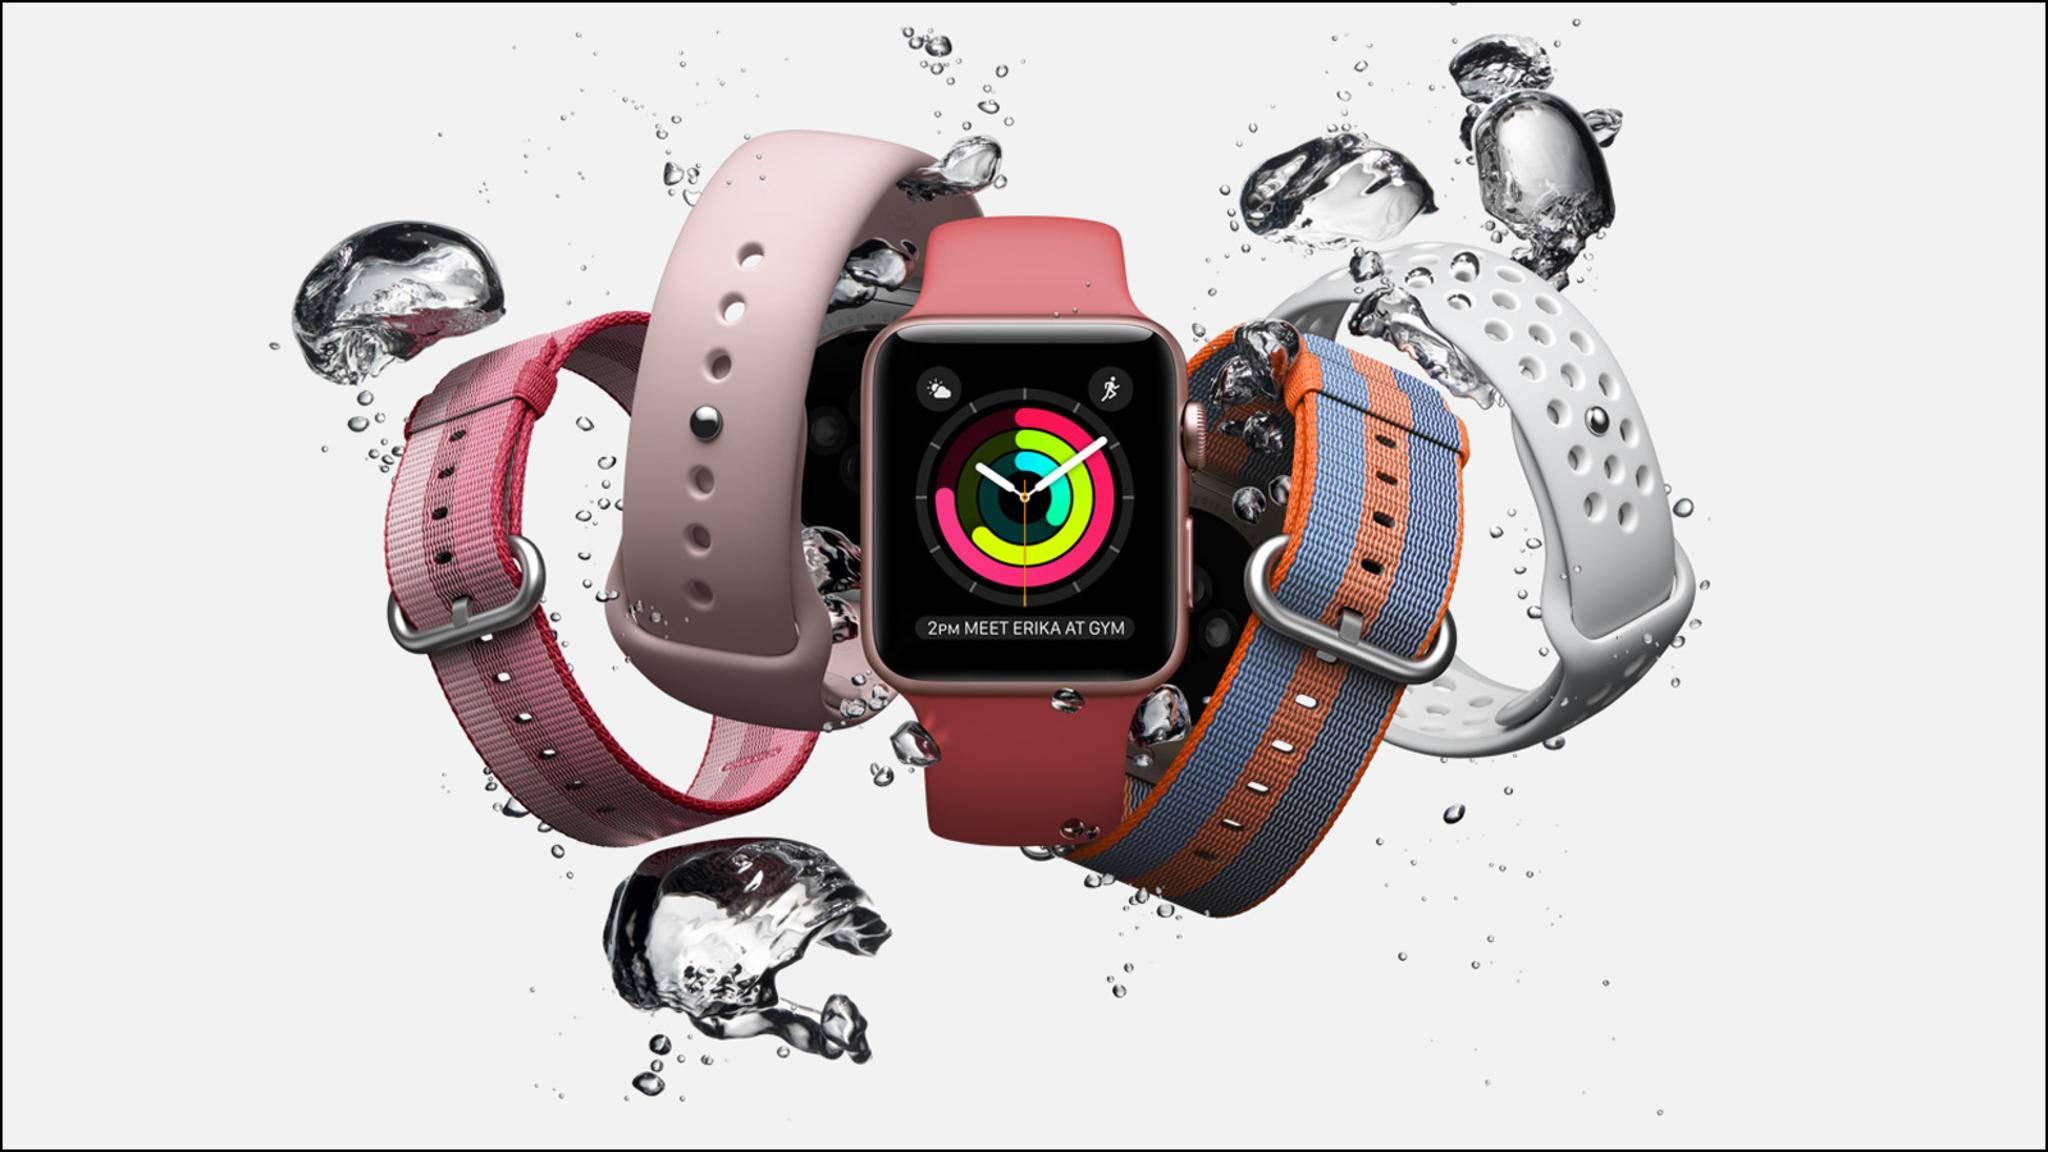 Schlaf-Tracking könnte als Feature für die Apple Watch 3 vermarktet werden.